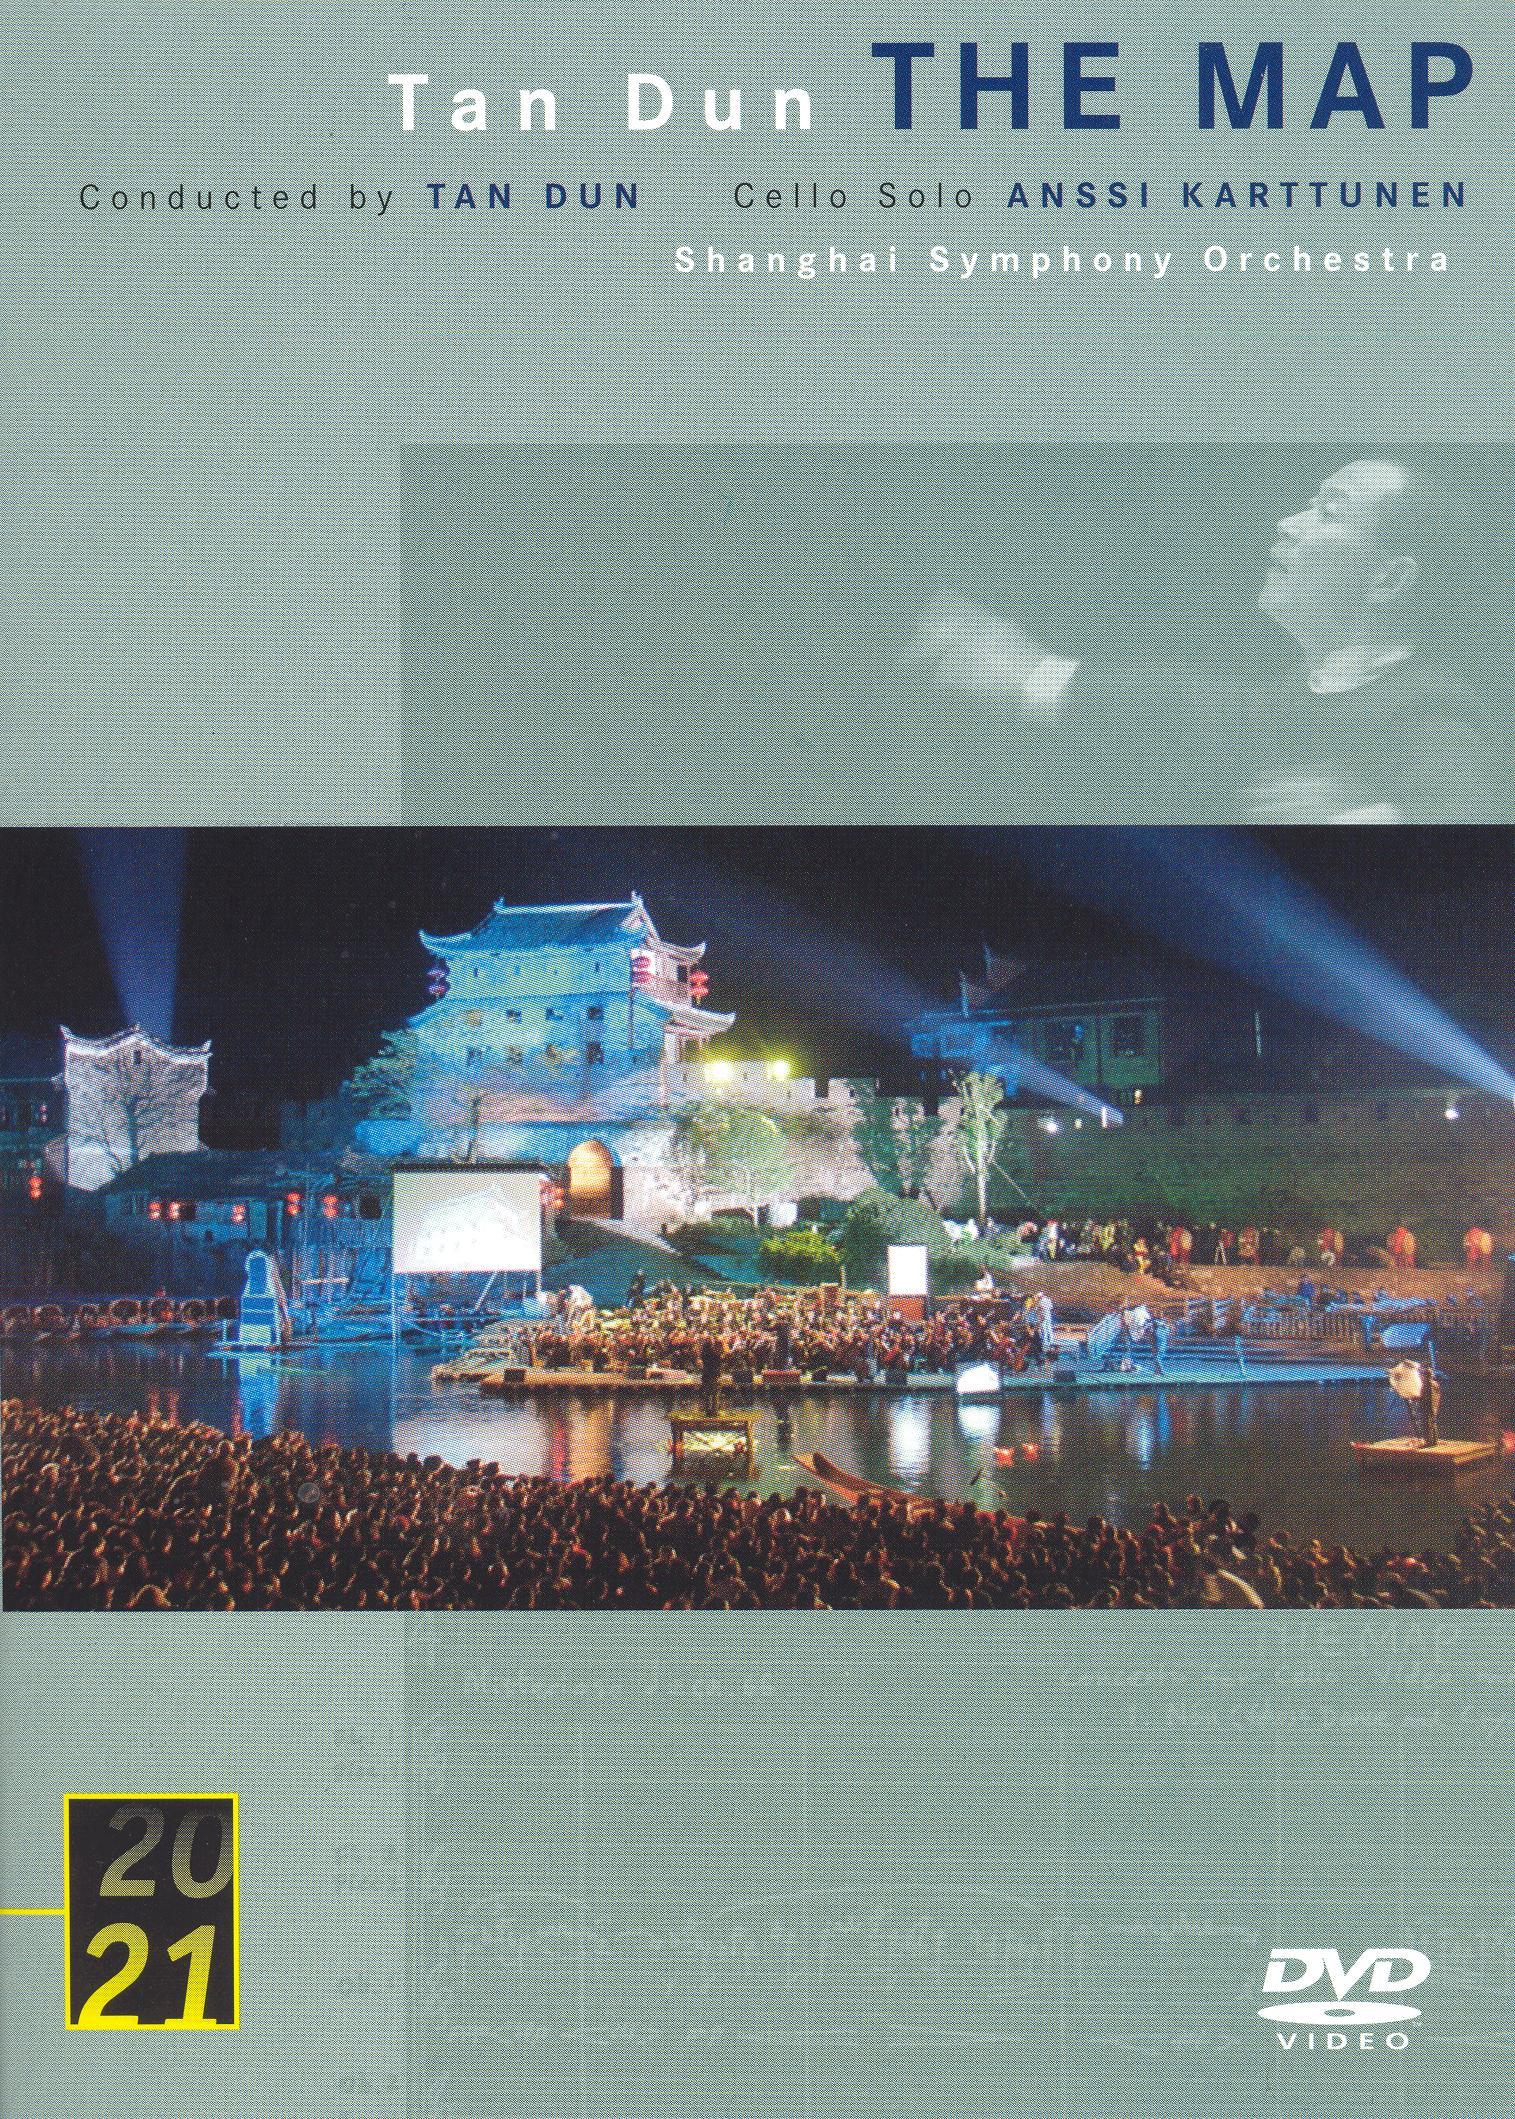 Tan Dun: The Map